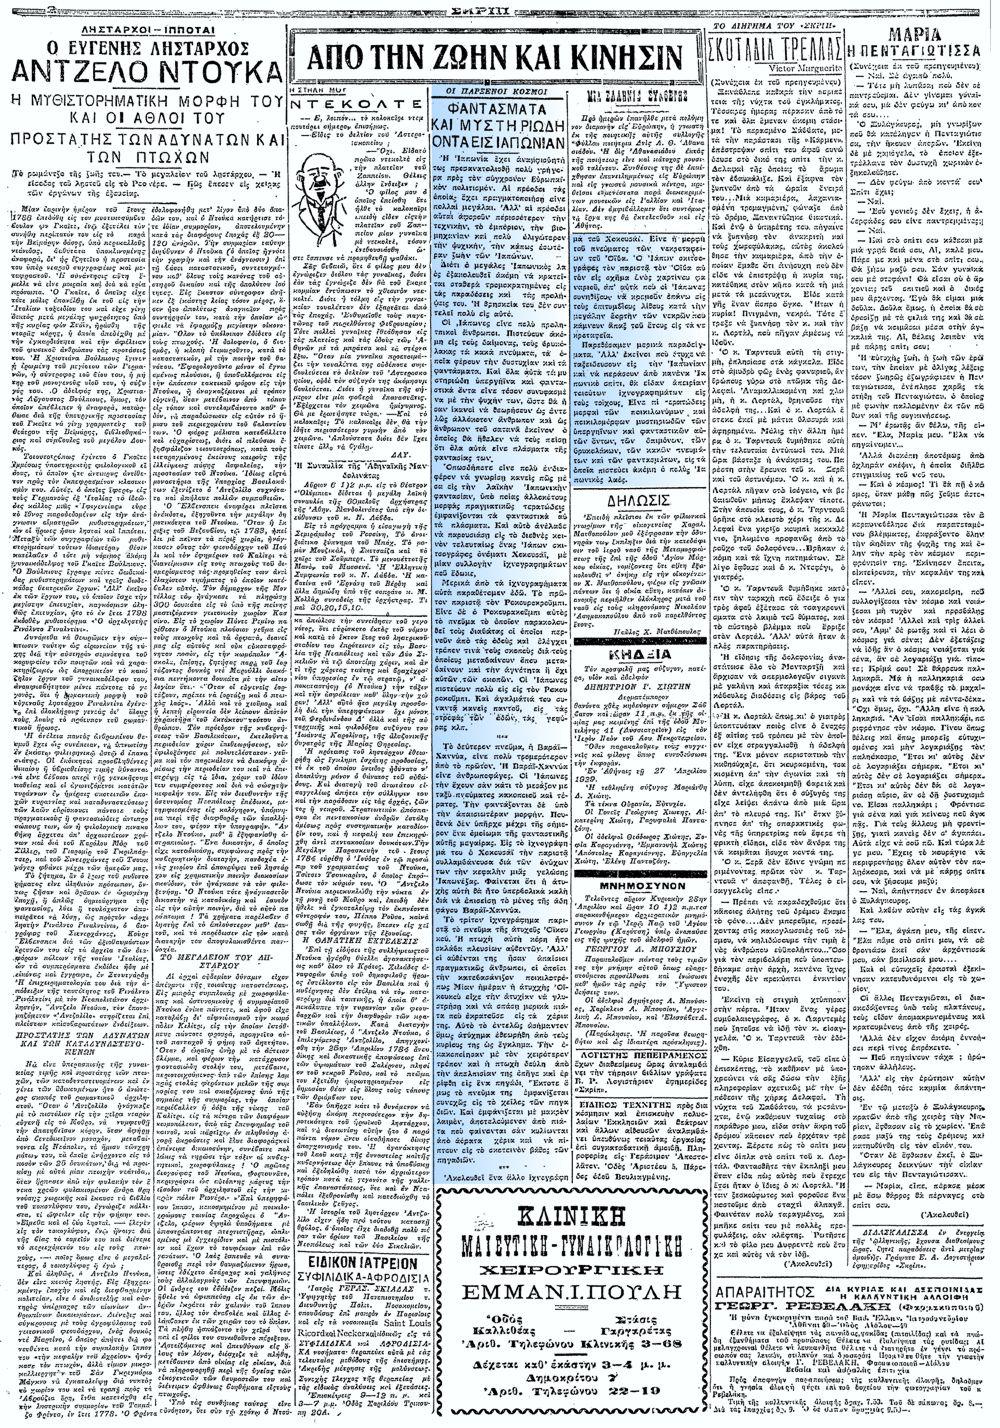 """Το άρθρο, όπως δημοσιεύθηκε στην εφημερίδα """"ΣΚΡΙΠ"""", στις 27/04/1929"""